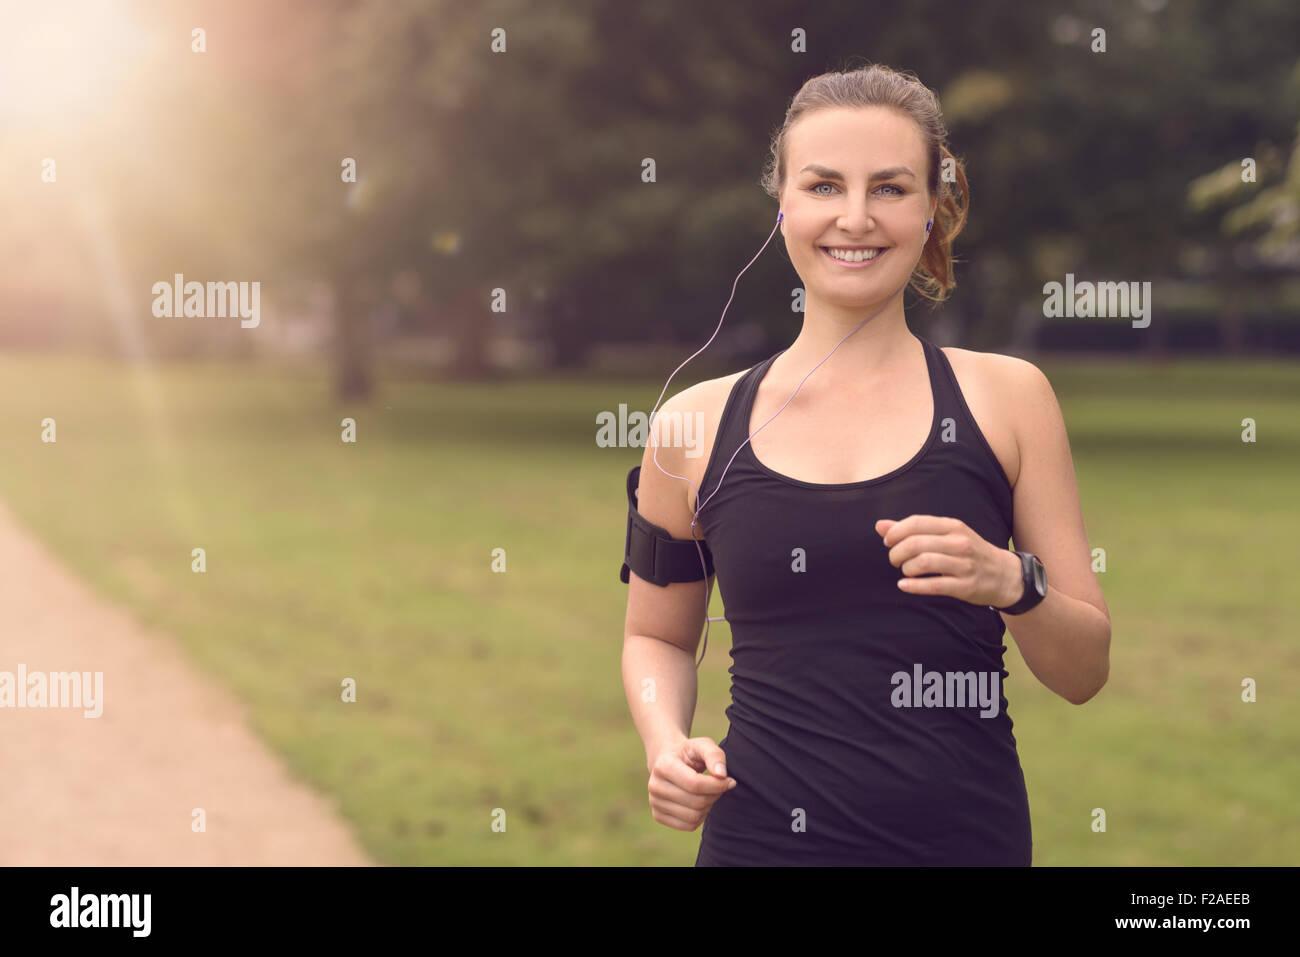 Eine Halbe Stelle Erschossen Eine Ziemlich Sportliche Frau Joggen Im